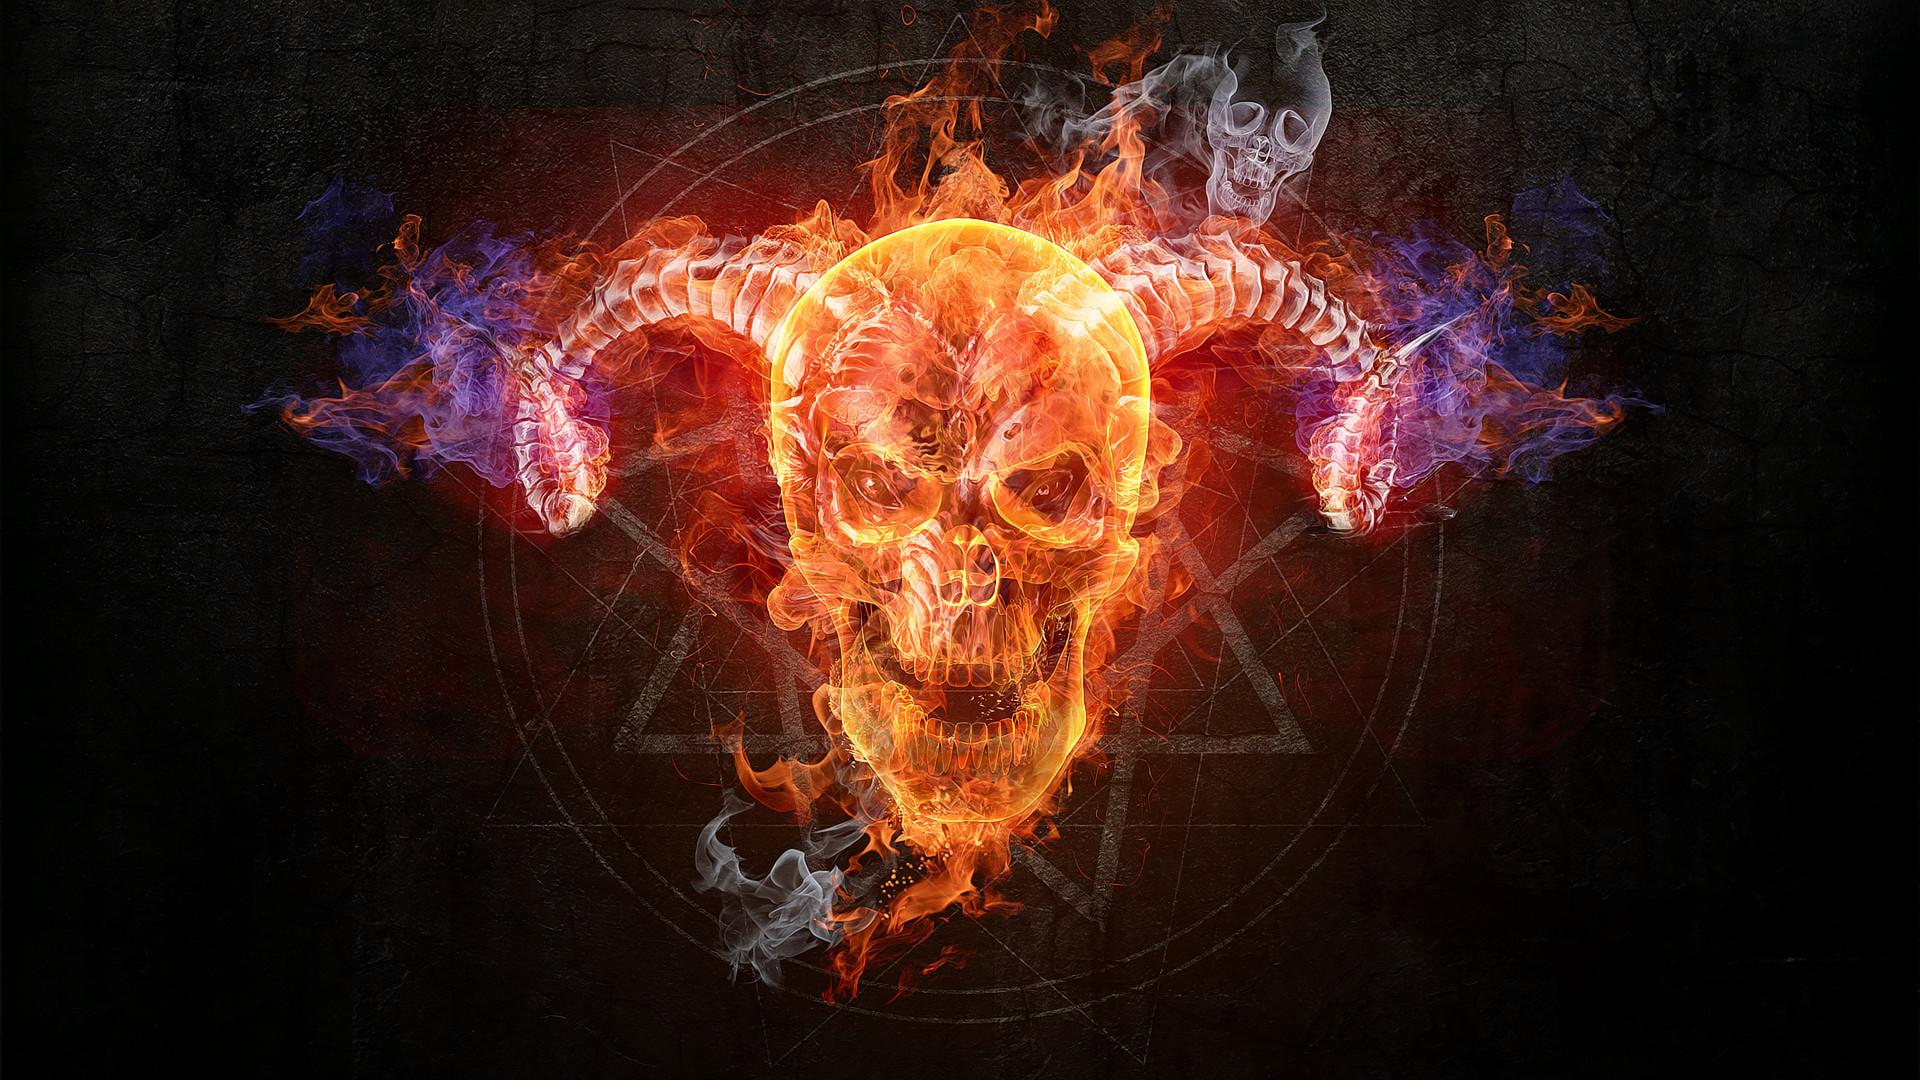 Flaming Skull wallpaper free